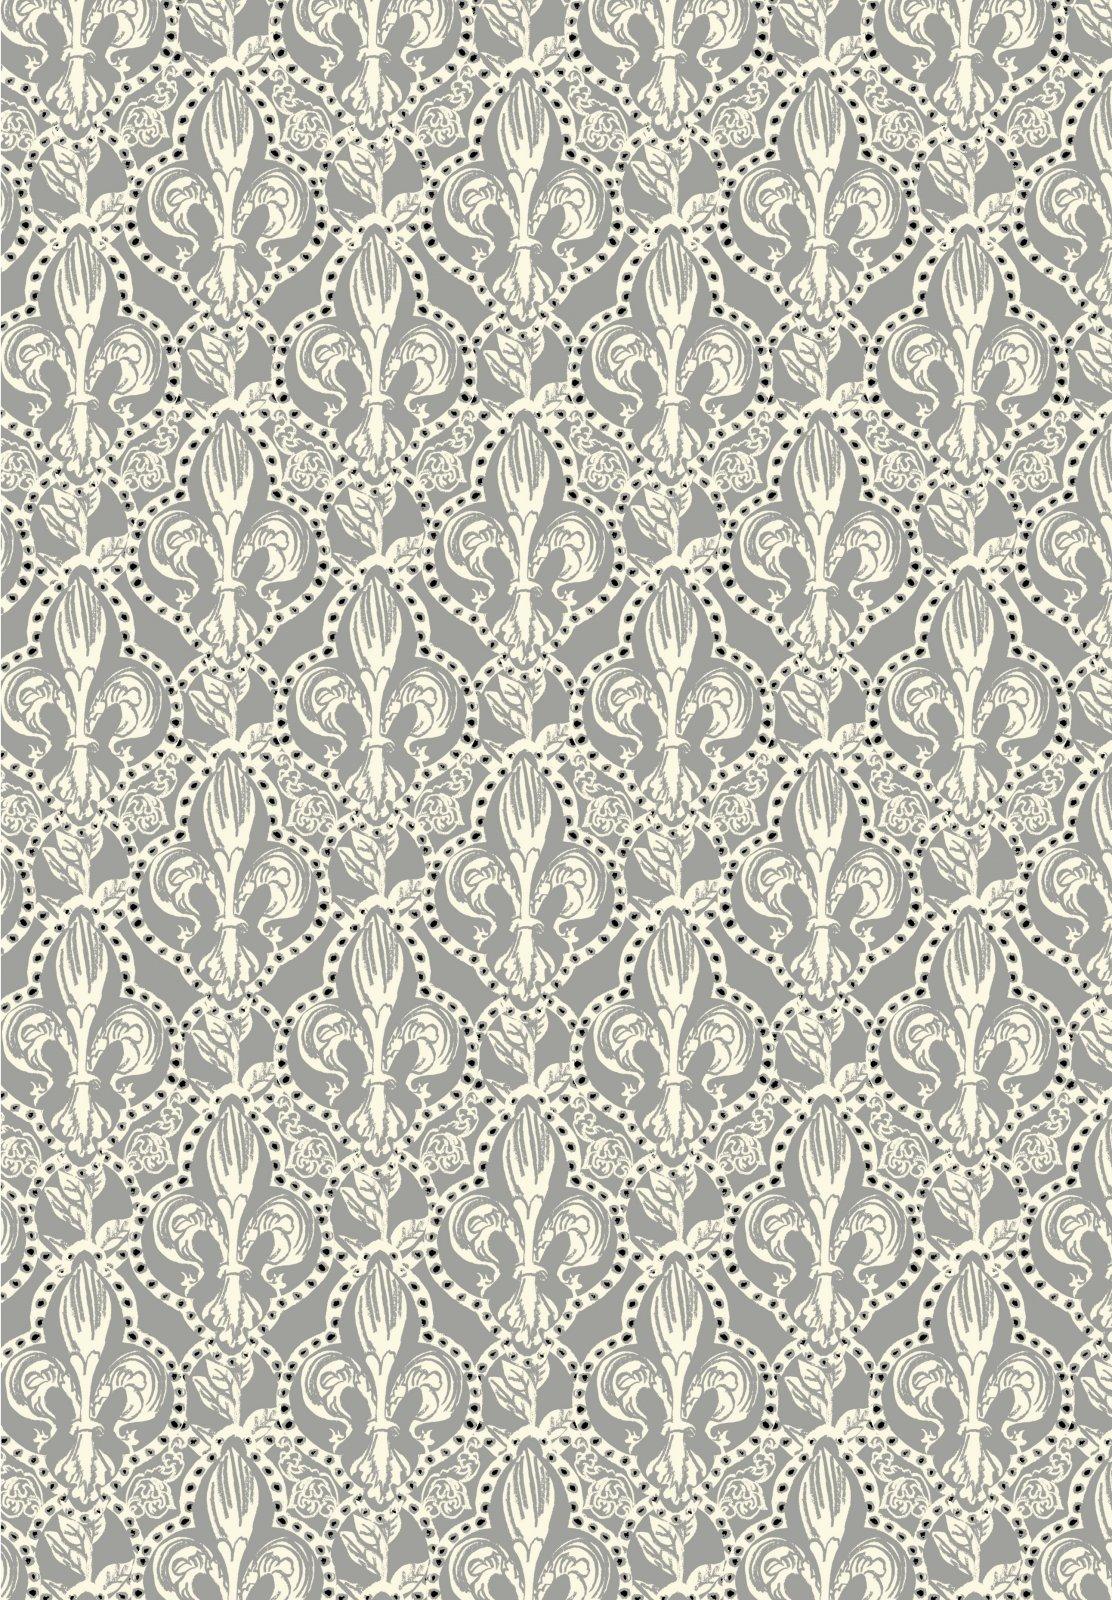 Jane Makower United Kingdom England Retro Fleur de Lis France Paris Medieval Fleur de Lys UK Cotton Quilt Fabric JM09